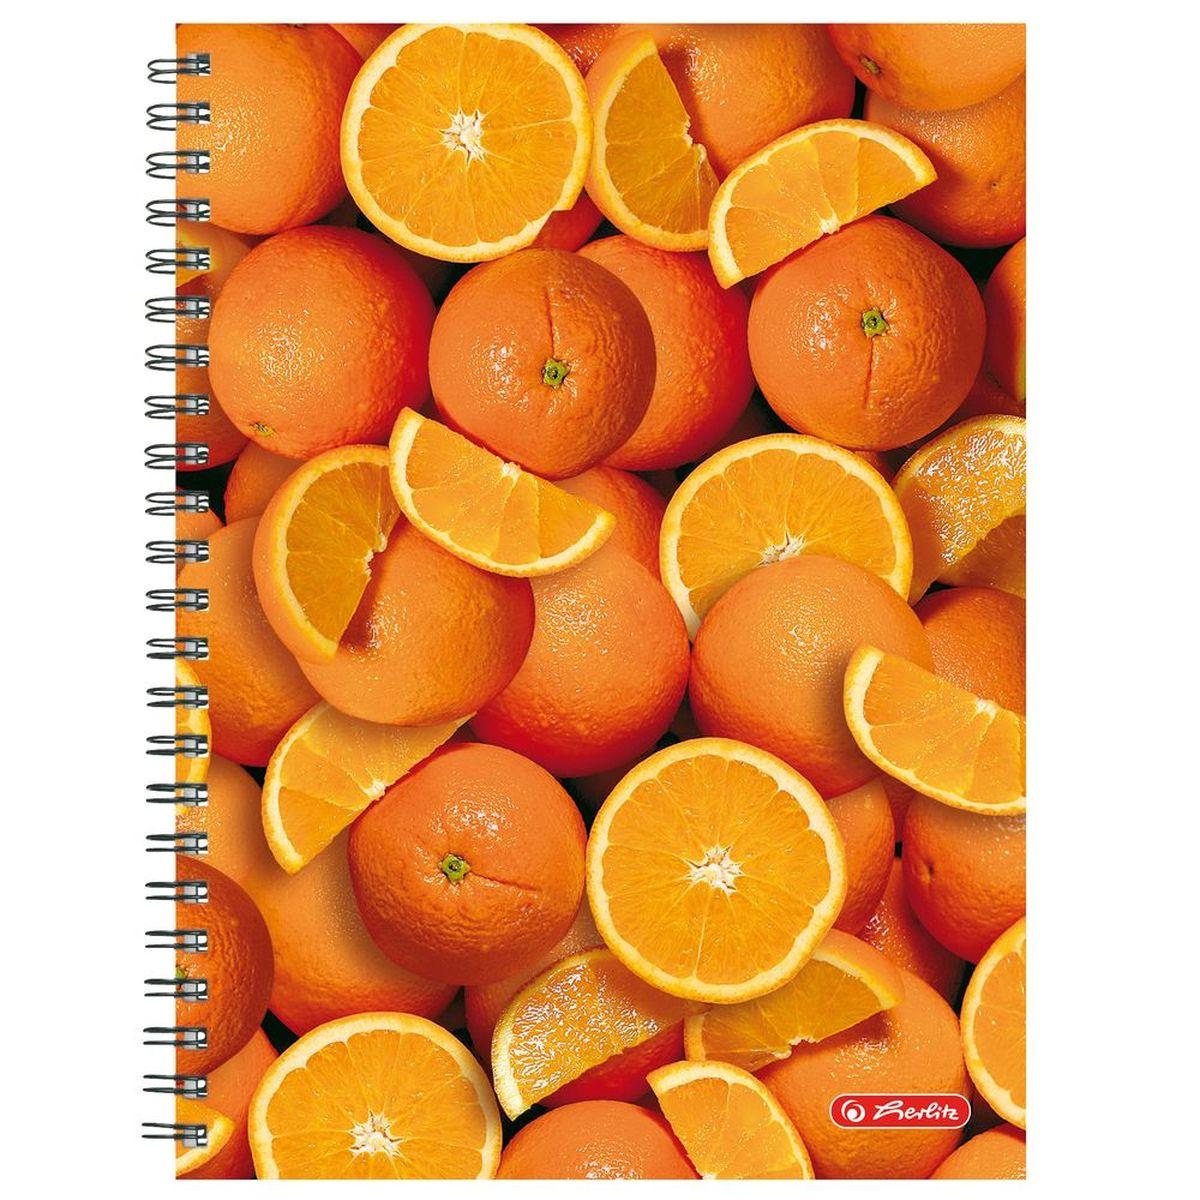 Herlitz Тетрадь Апельсины 70 листов в клетку формат А410887537Удобная тетрадь Herlitz Апельсины - незаменимый атрибут современного человека, необходимый для рабочих или школьных записей. Тетрадь содержит 70 листов формата А4 в клетку без полей со внутренней разделительной полосой. Обложка выполнена из качественного ламинированного картона с ярким фруктовым дизайном. Внутренний спиральный блок изготовлен из металла и гарантирует надежное крепление листов. Тетрадь для записей Herlitz Апельсины станет достойным аксессуаром среди ваших канцелярских принадлежностей. Это отличный подарок как коллеге или деловому партнеру, так и близким людям.